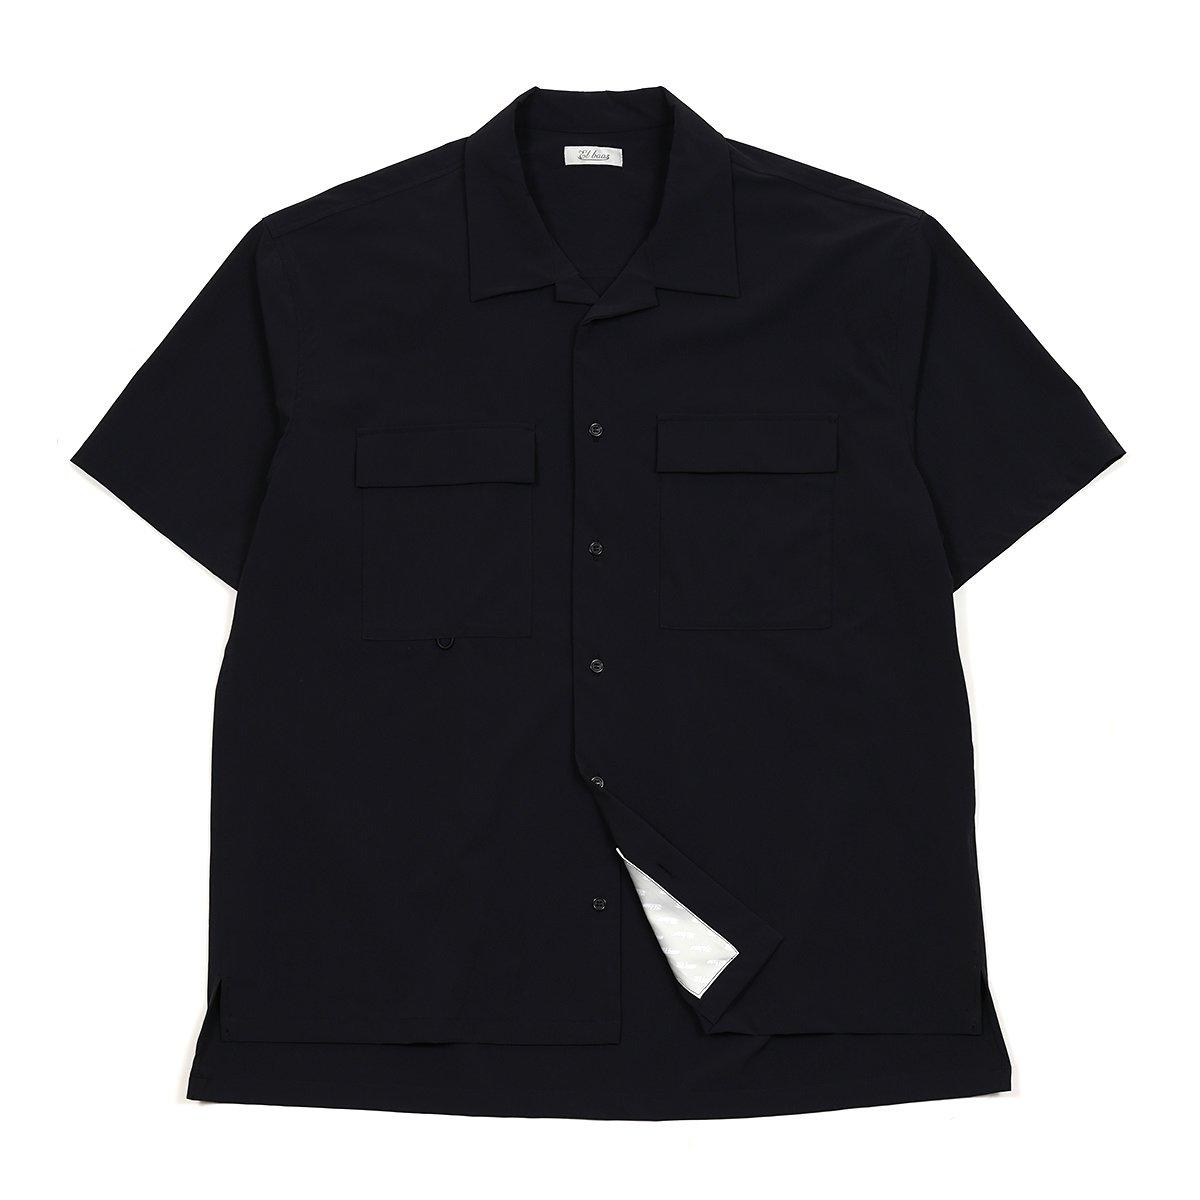 S/S W Pocket Shirts 詳細画像14